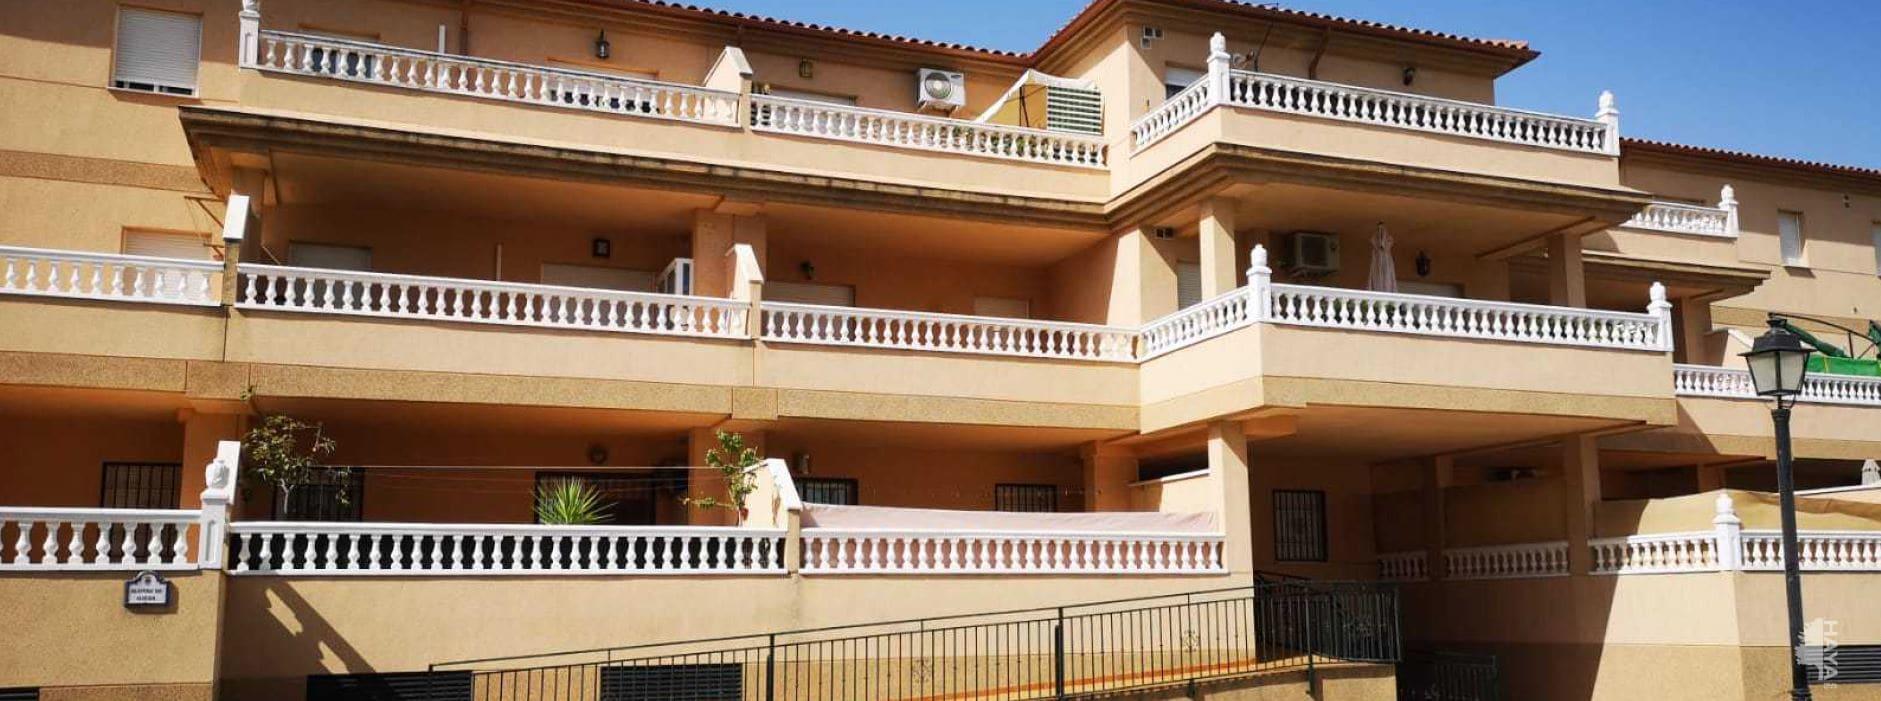 Piso en venta en Urbanización los Chopos, la Gabias, Granada, Calle Alonso de Ojeda, 99.181 €, 2 habitaciones, 2 baños, 98 m2